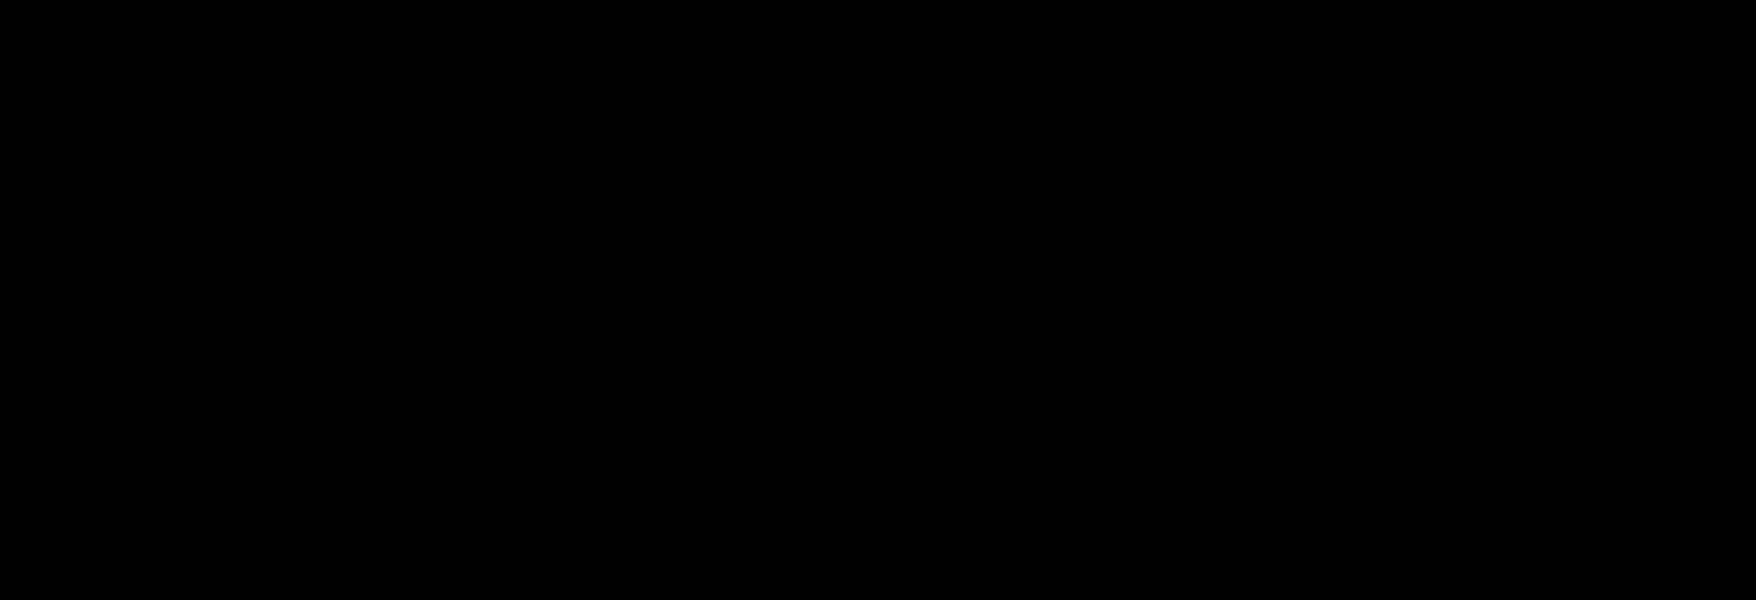 (E)-2-(3-(3,4-Dimethoxy-d<sub>6</sub>-phenyl)acrylamido)-5-hydroxybenzoic acid